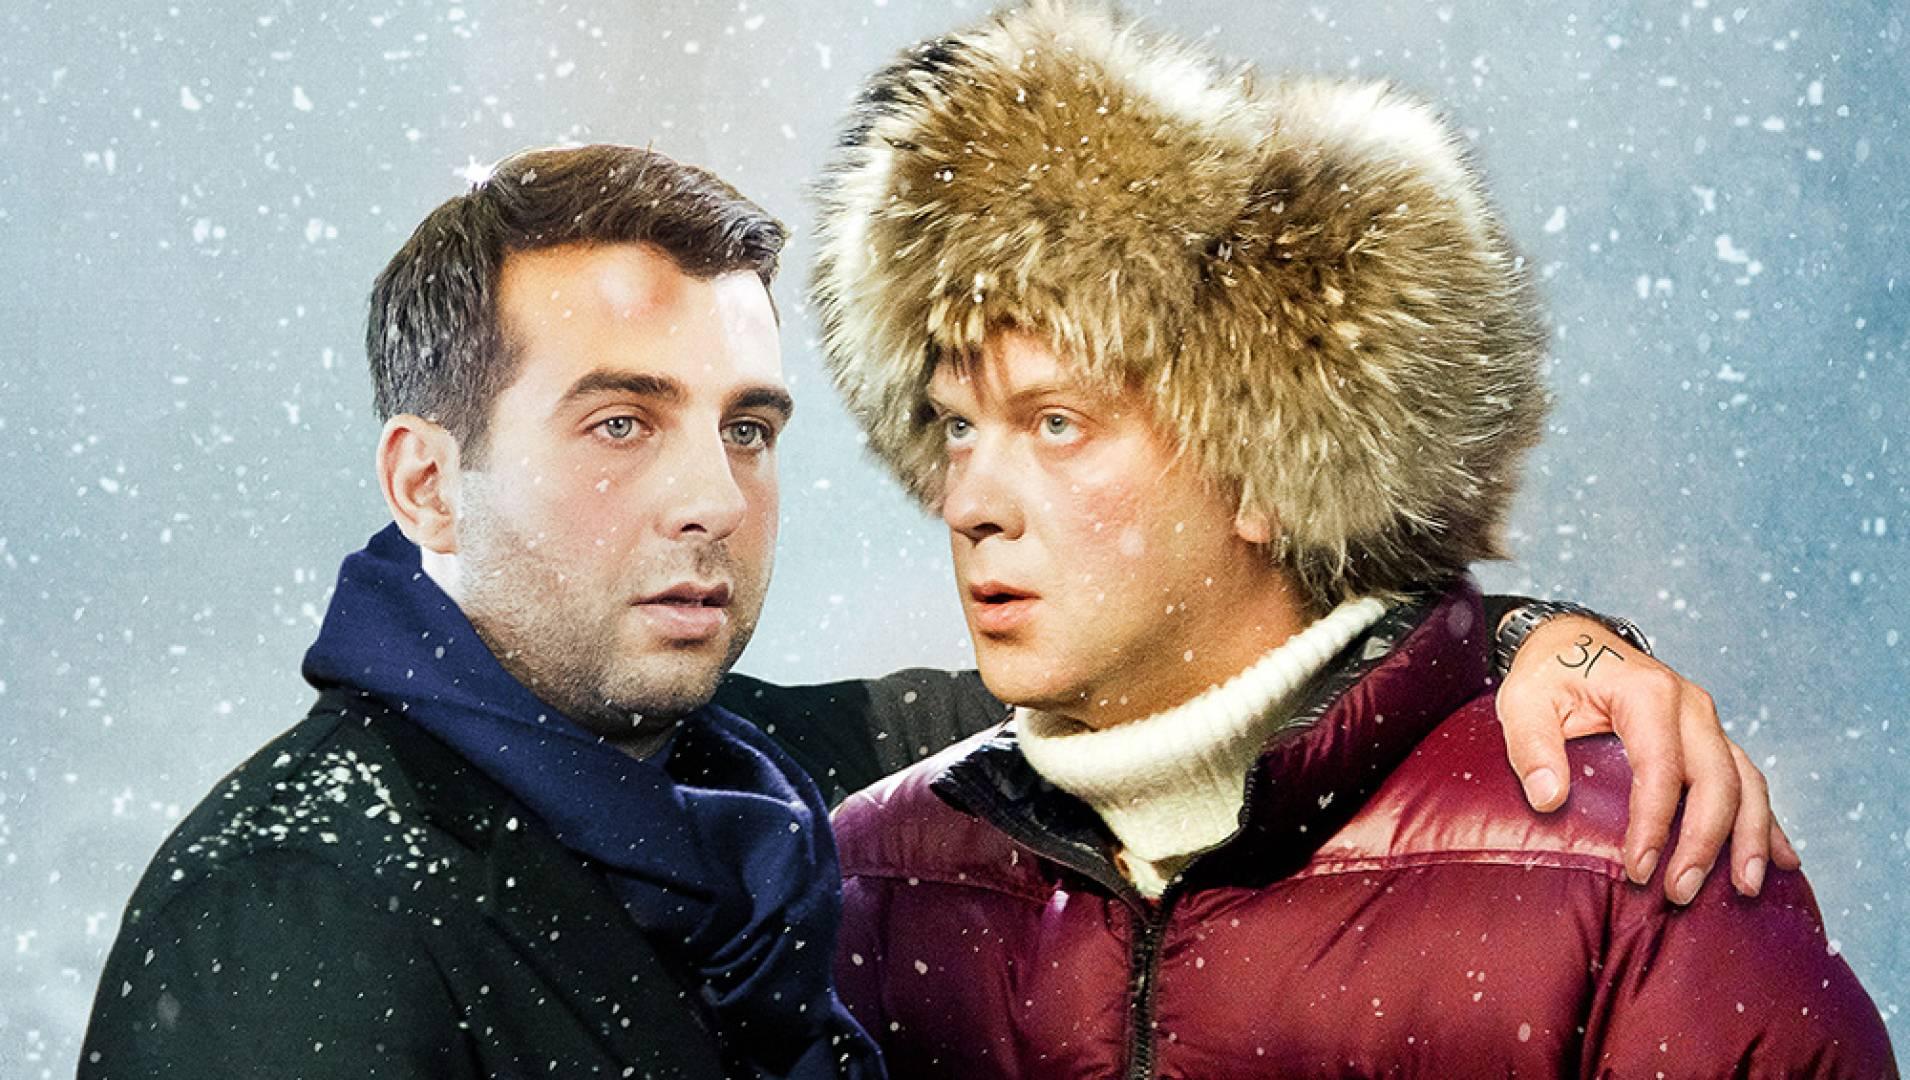 Ёлки-2 - Комедия, Фильм